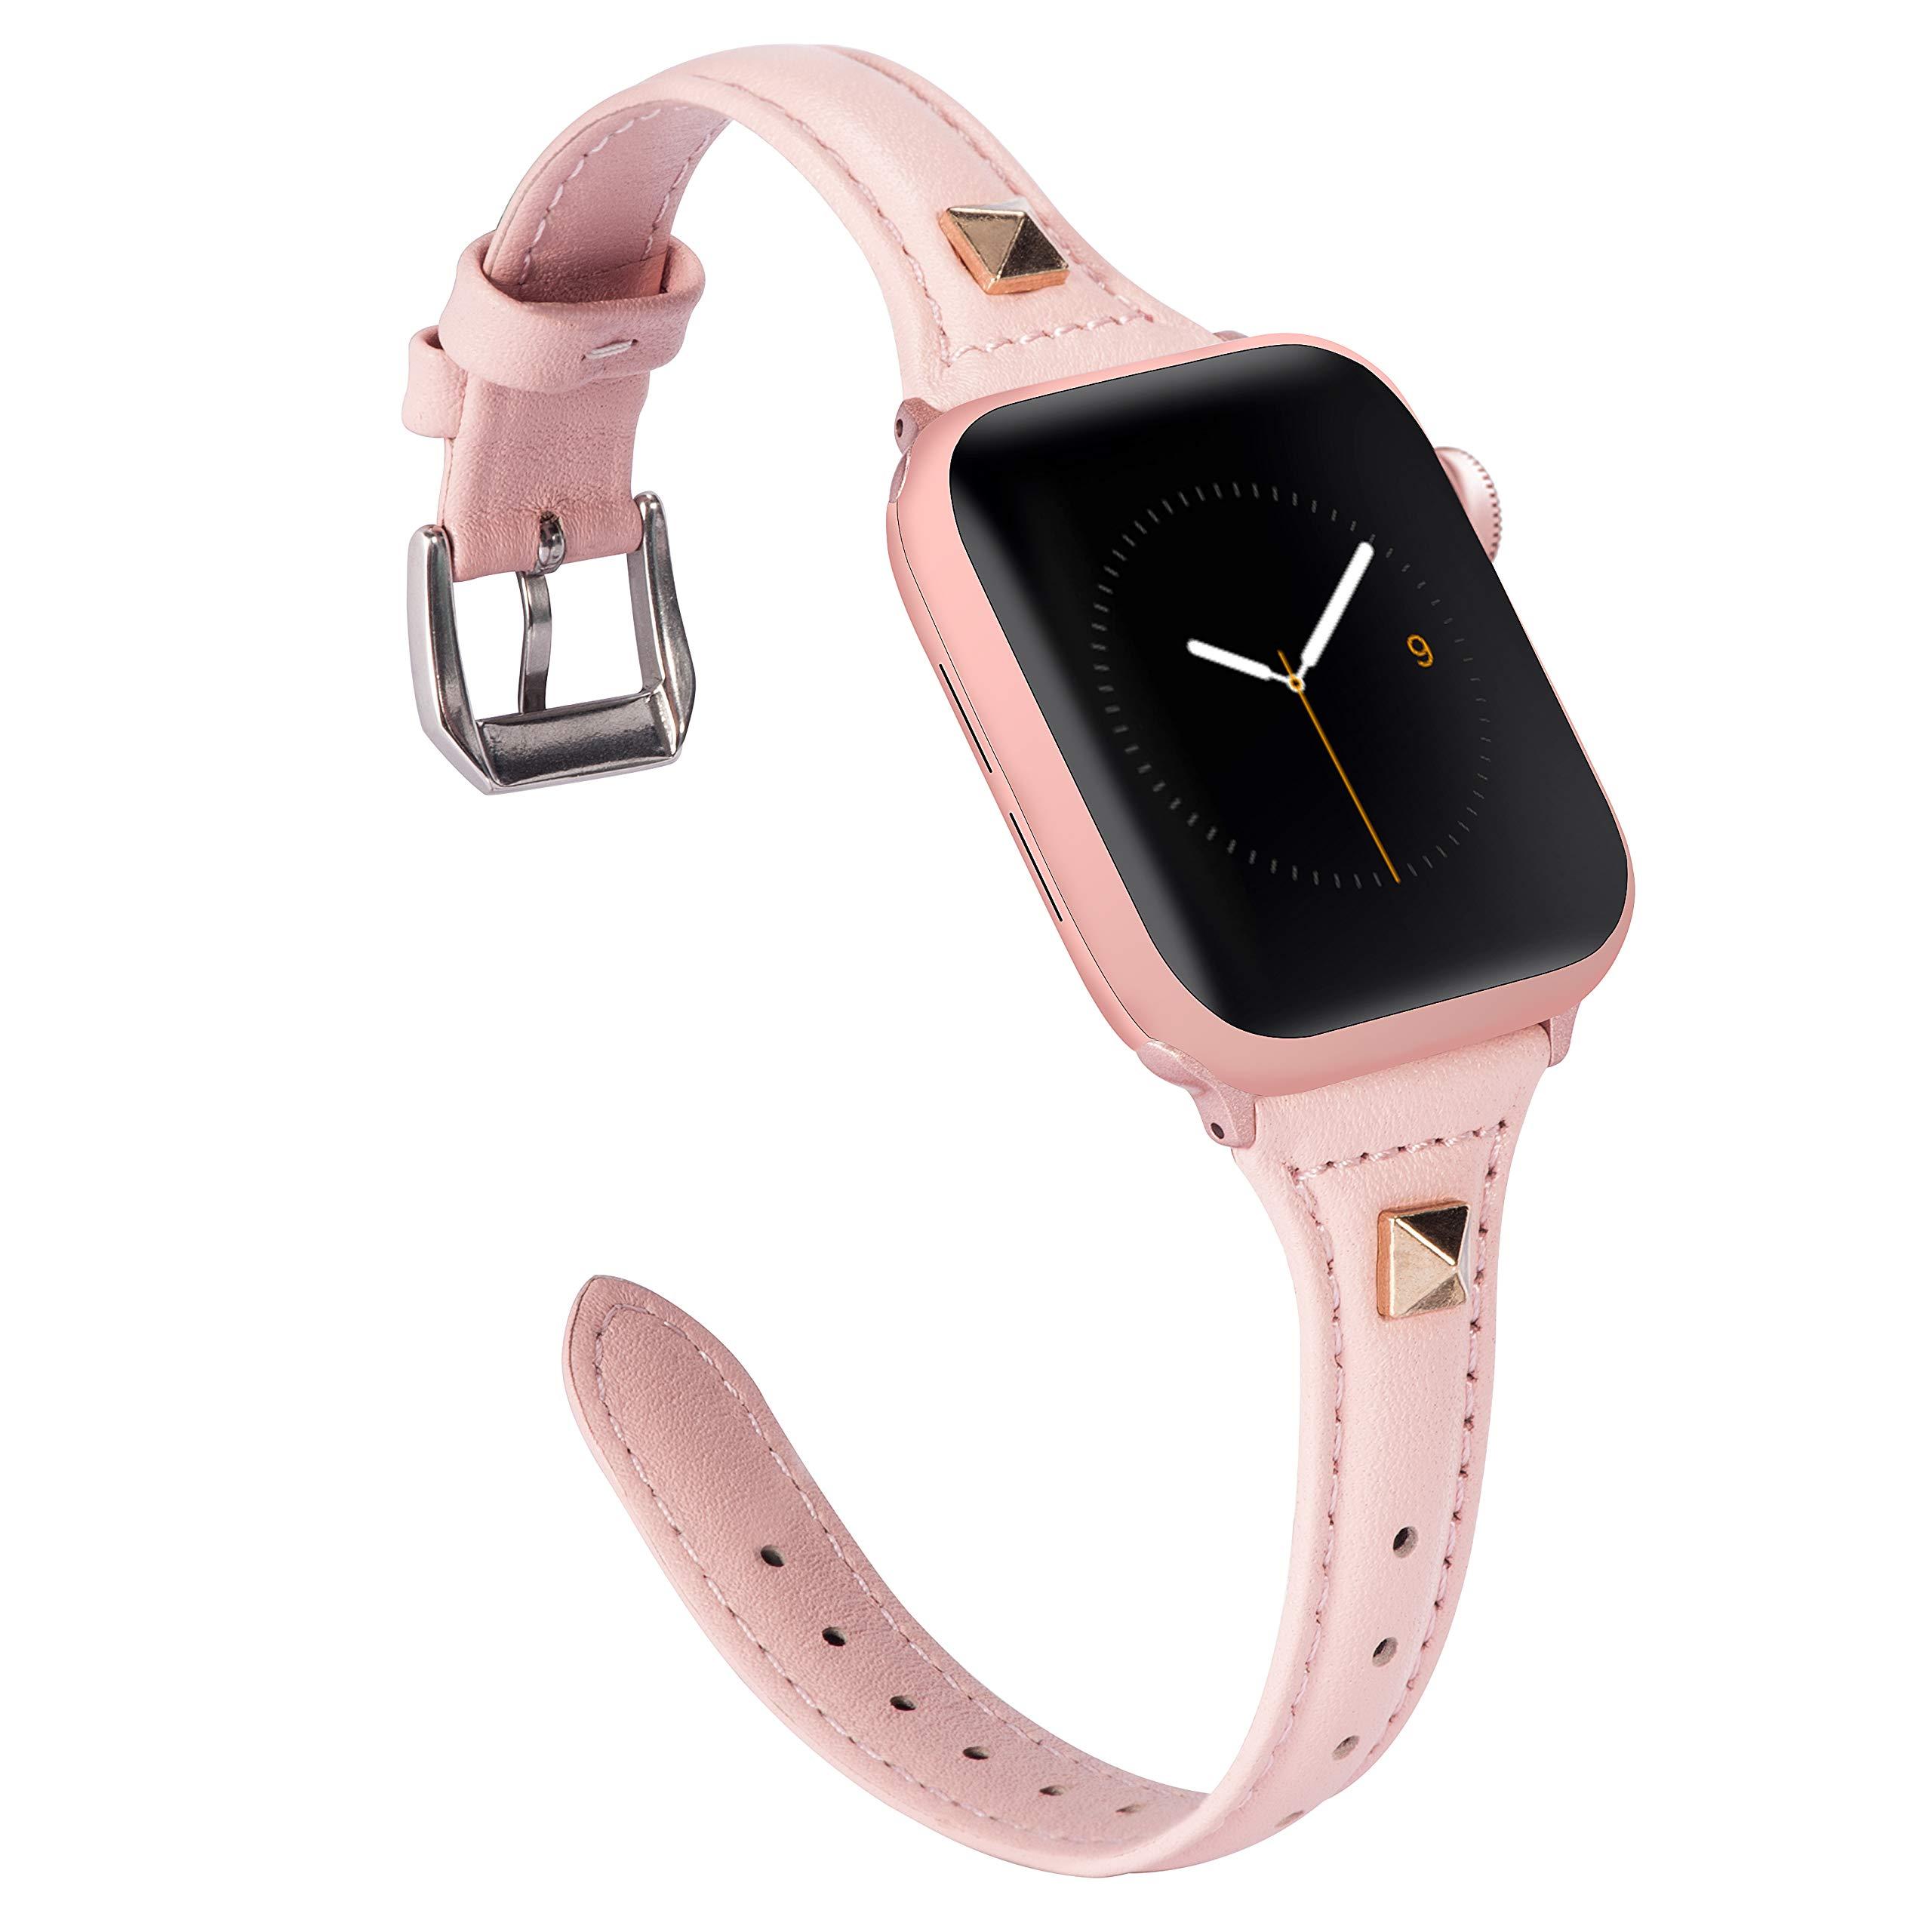 Malla Cuero para Apple Watch (38/40mm) WEARLIZER [7P6FWZK2]